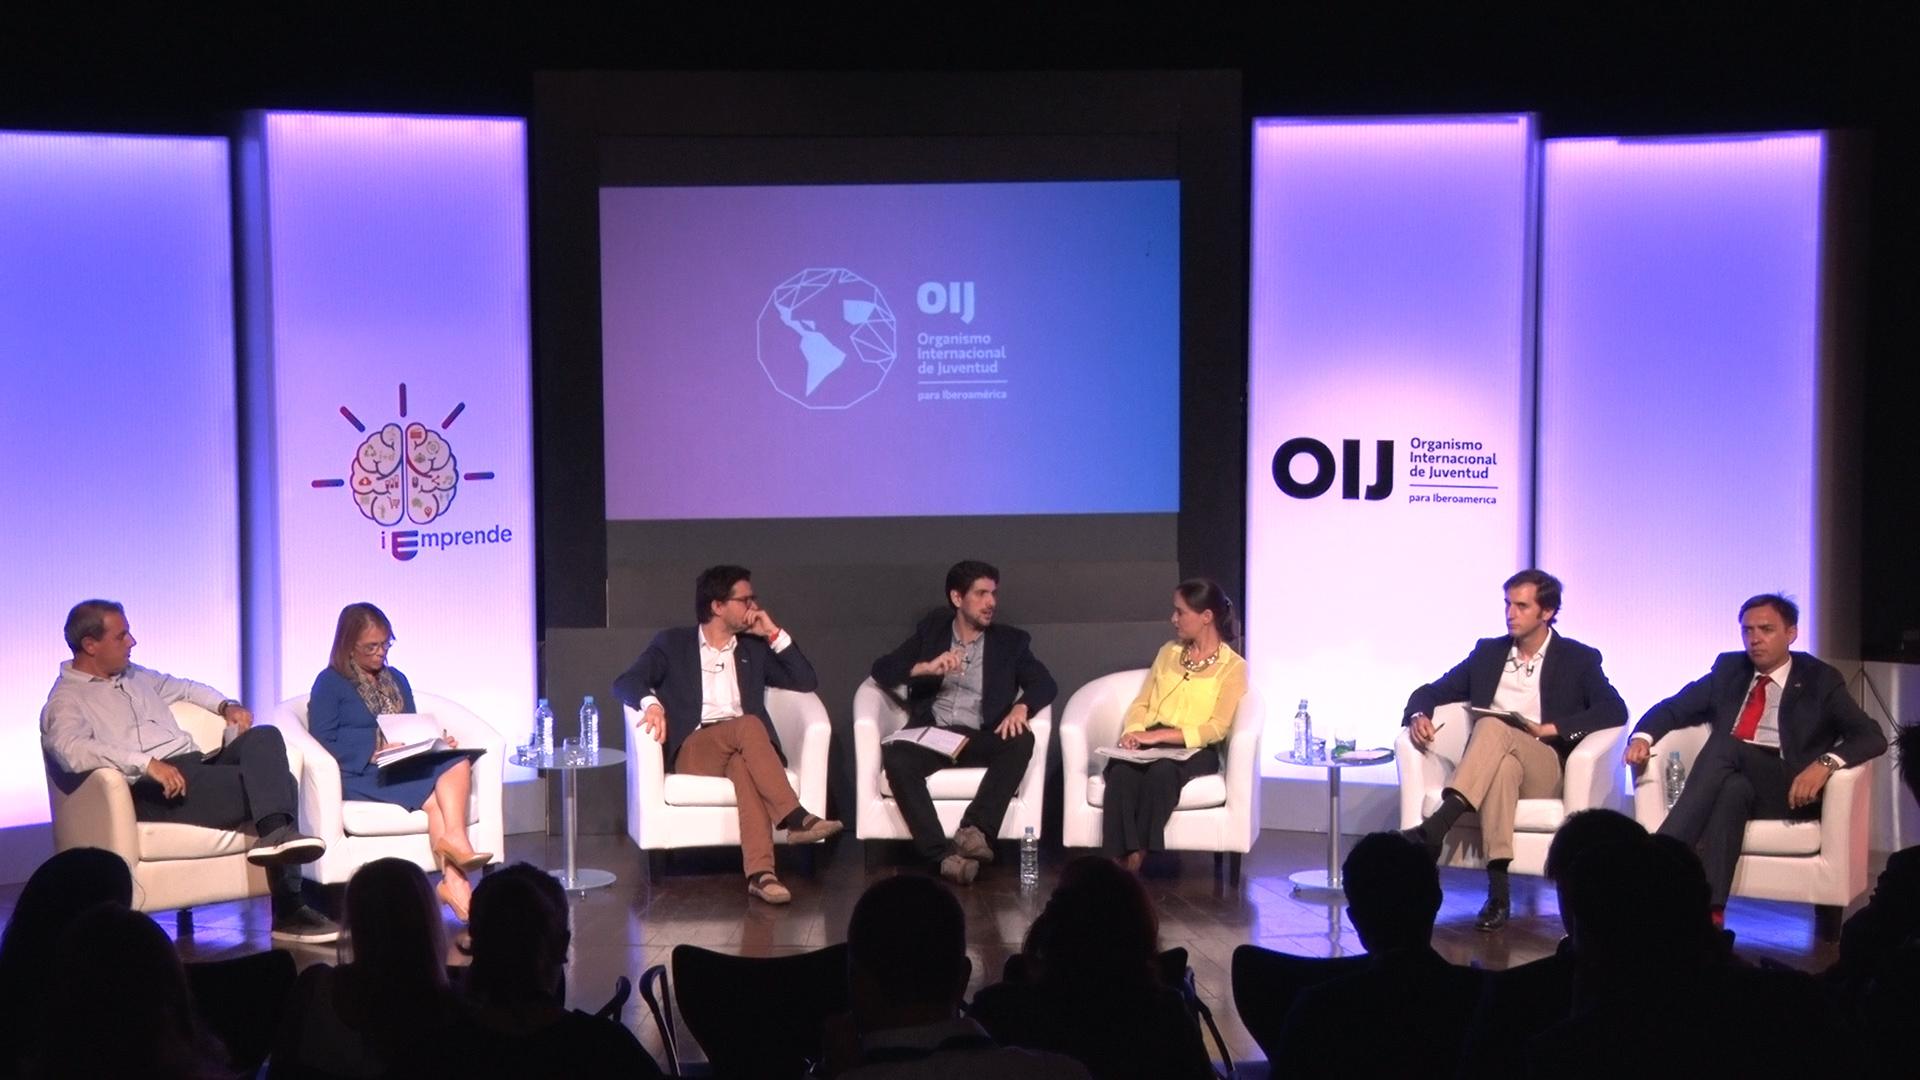 El emprendimiento a través de la juventud iberoamericana